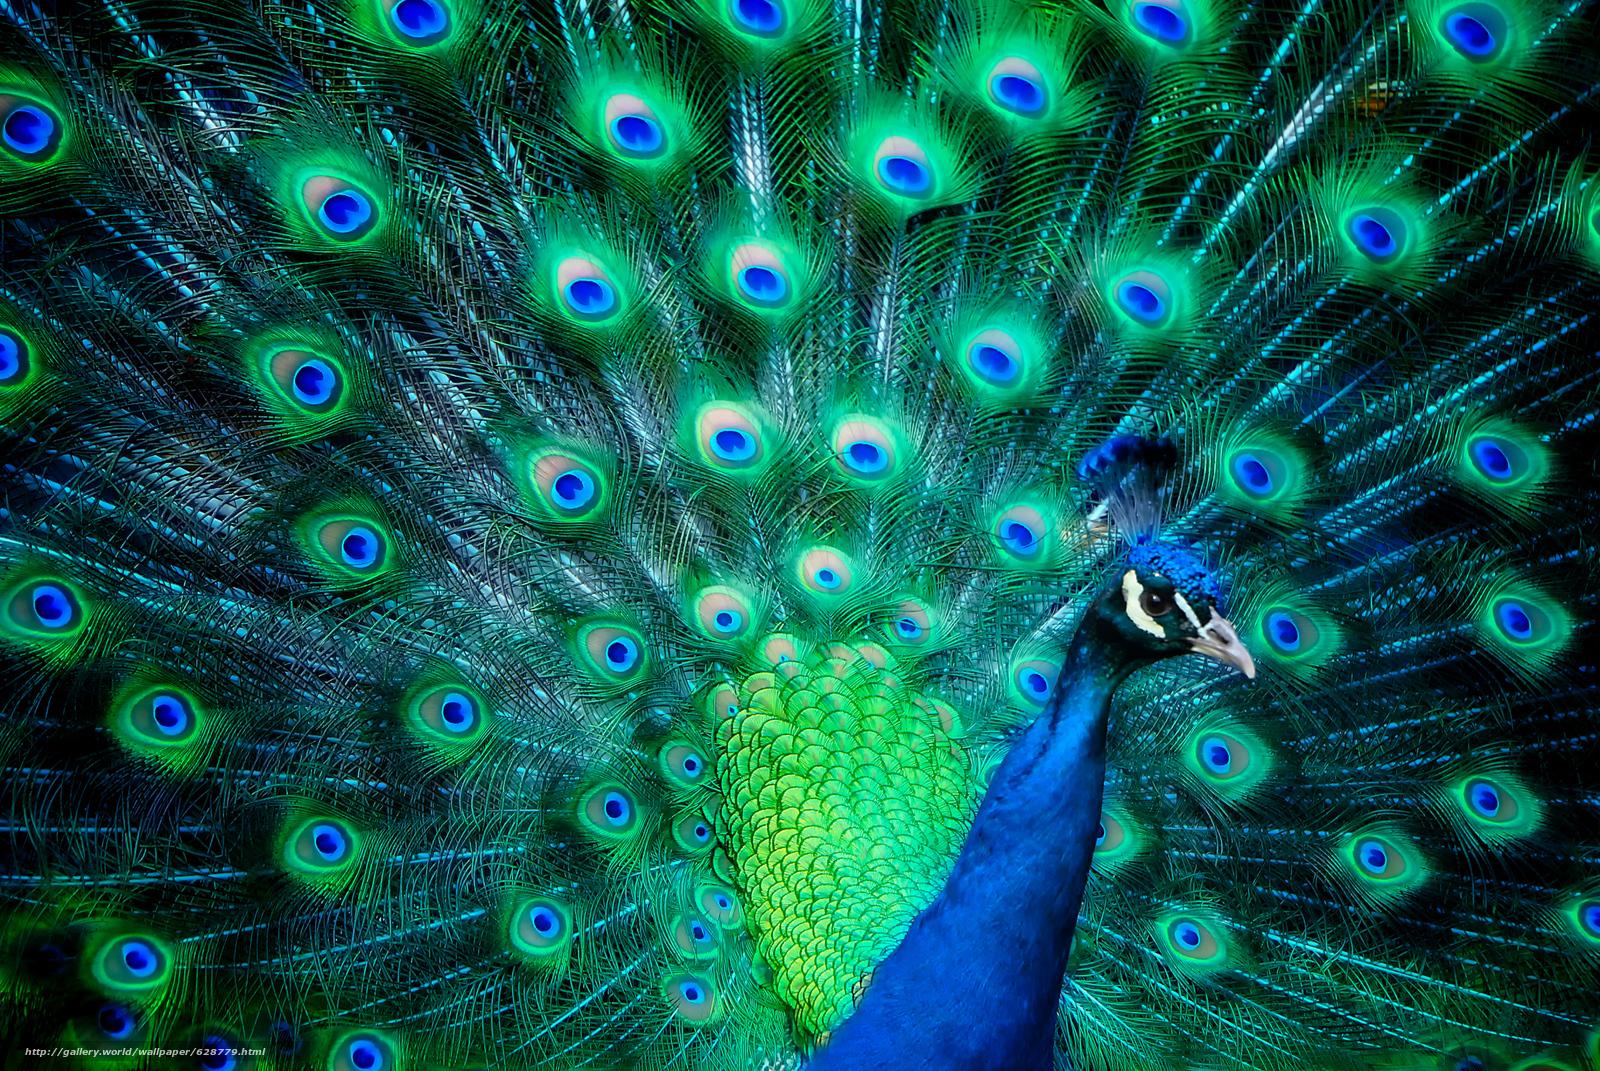 Скачать на телефон обои фото картинку на тему павлин, веерный хвост, птица, разширение 2500x1674